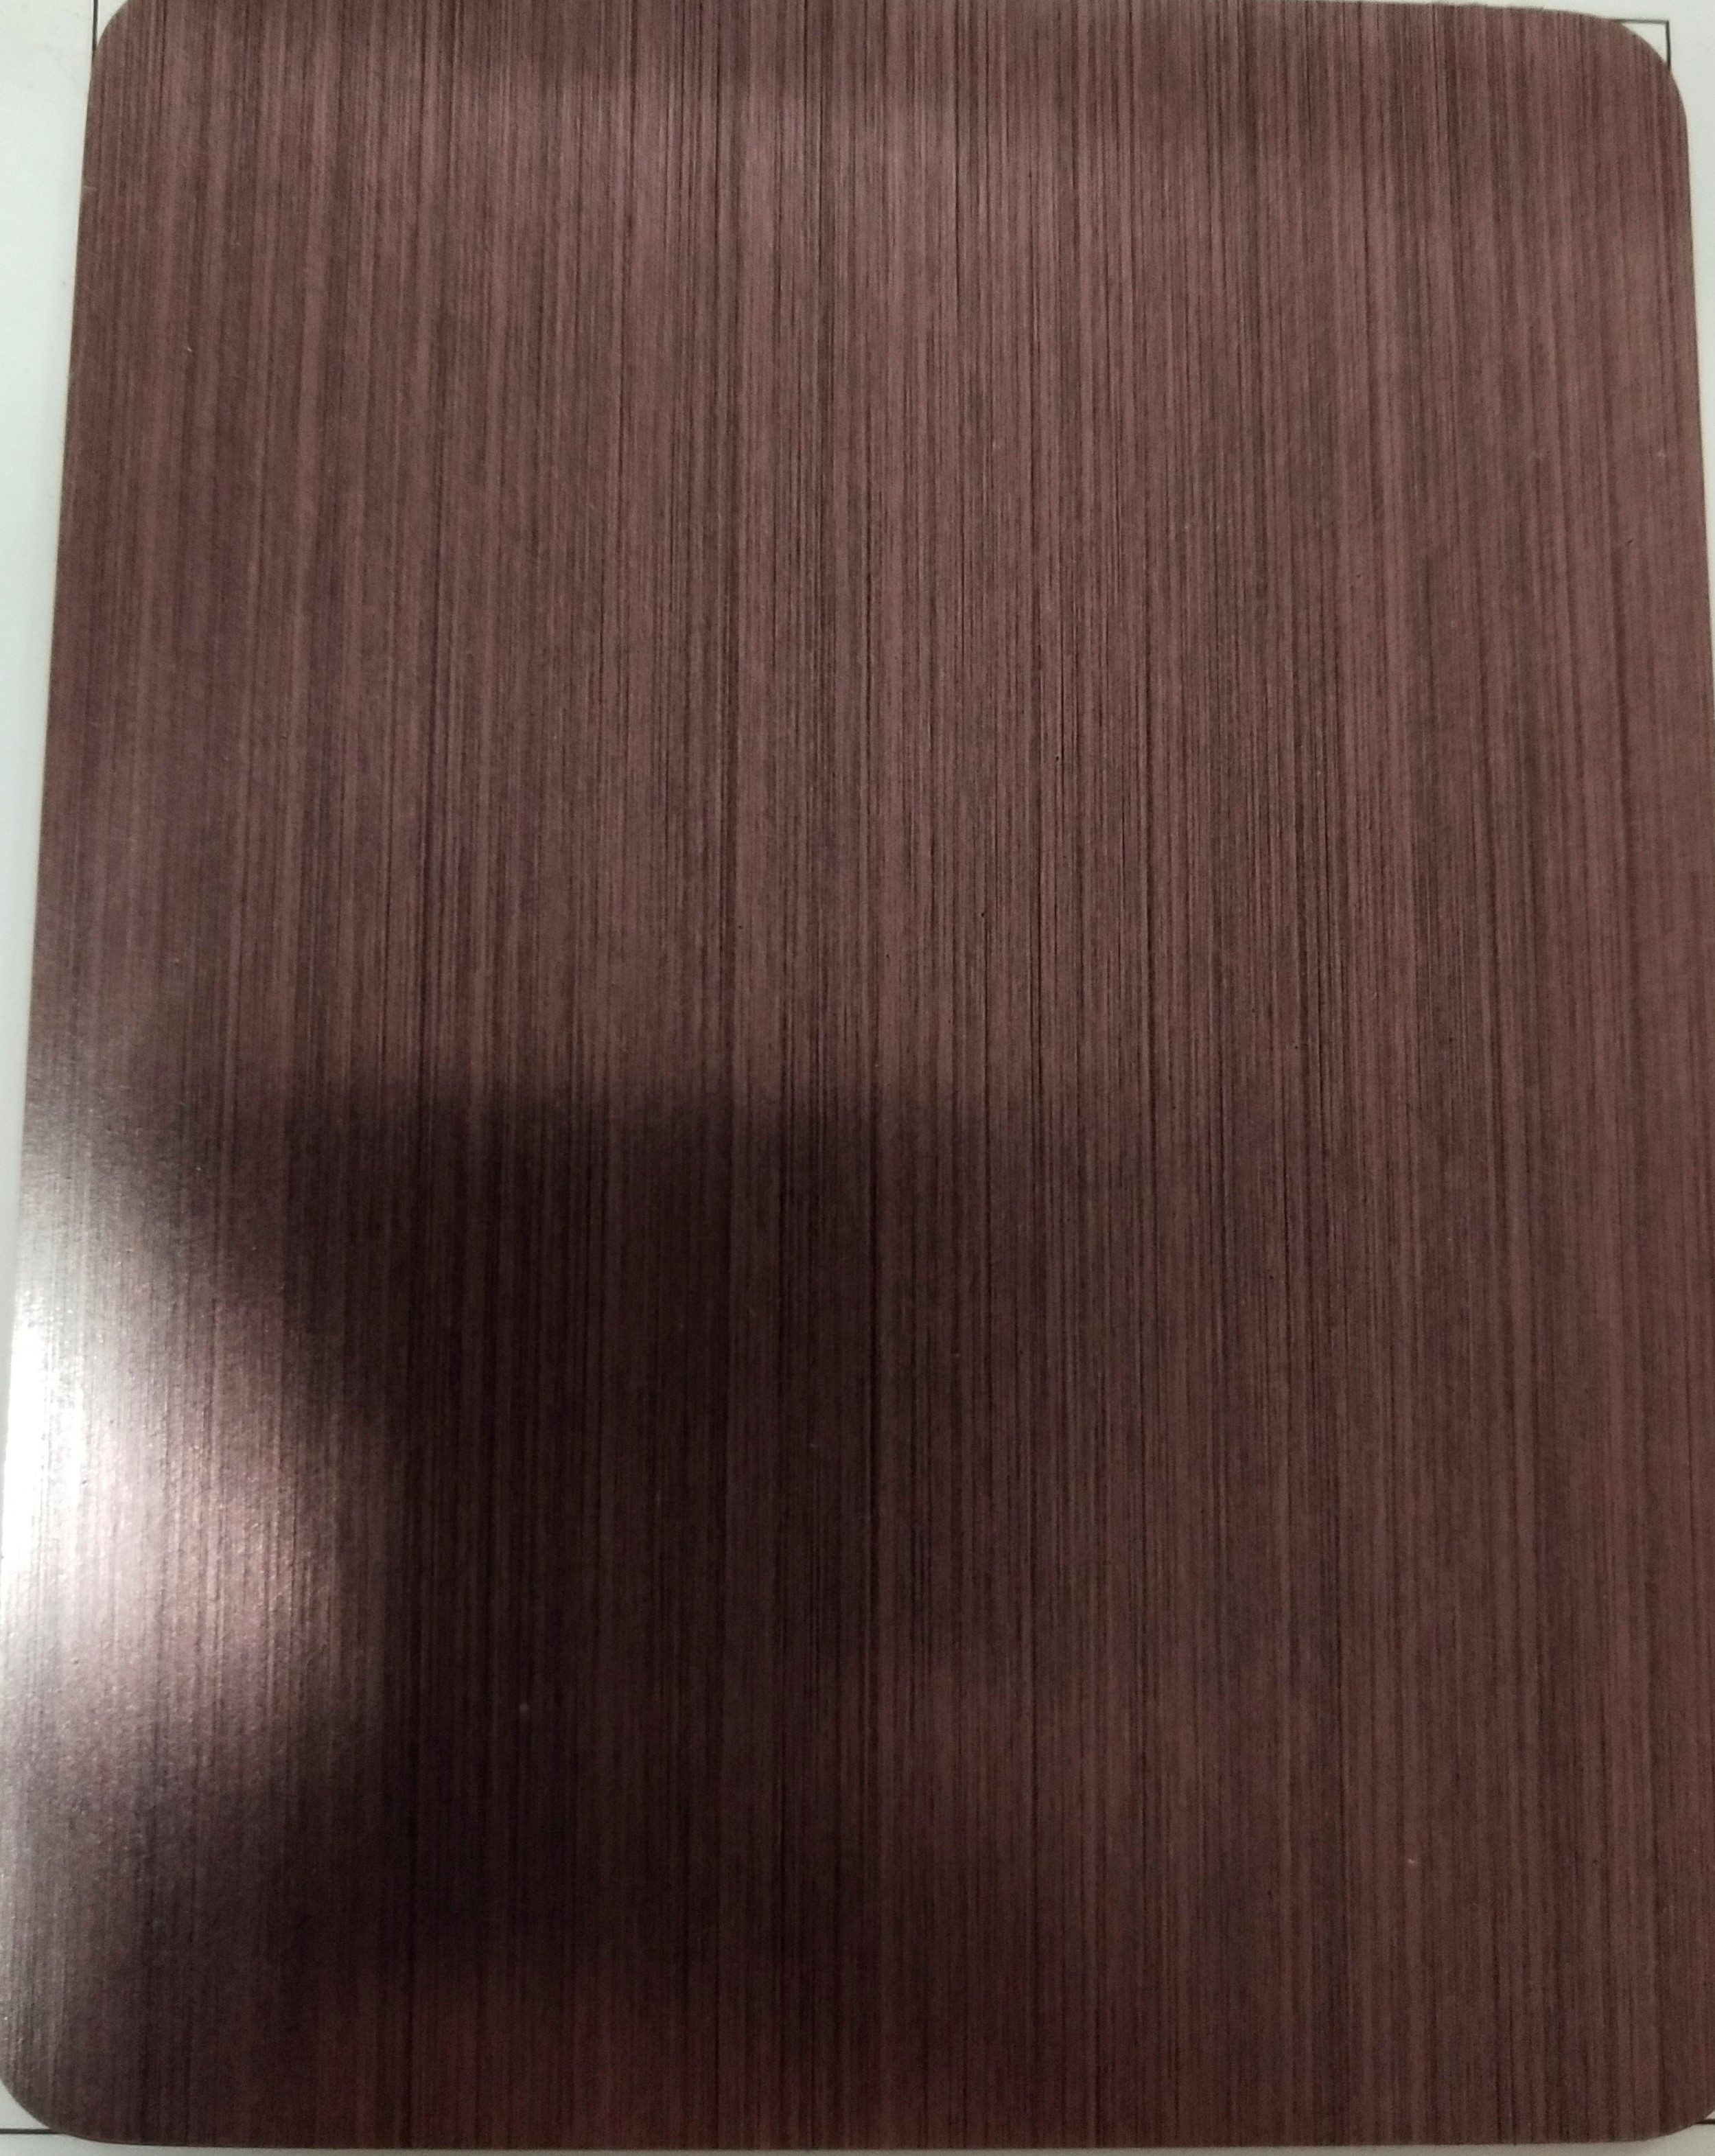 深红古铜_不锈钢仿古做旧板